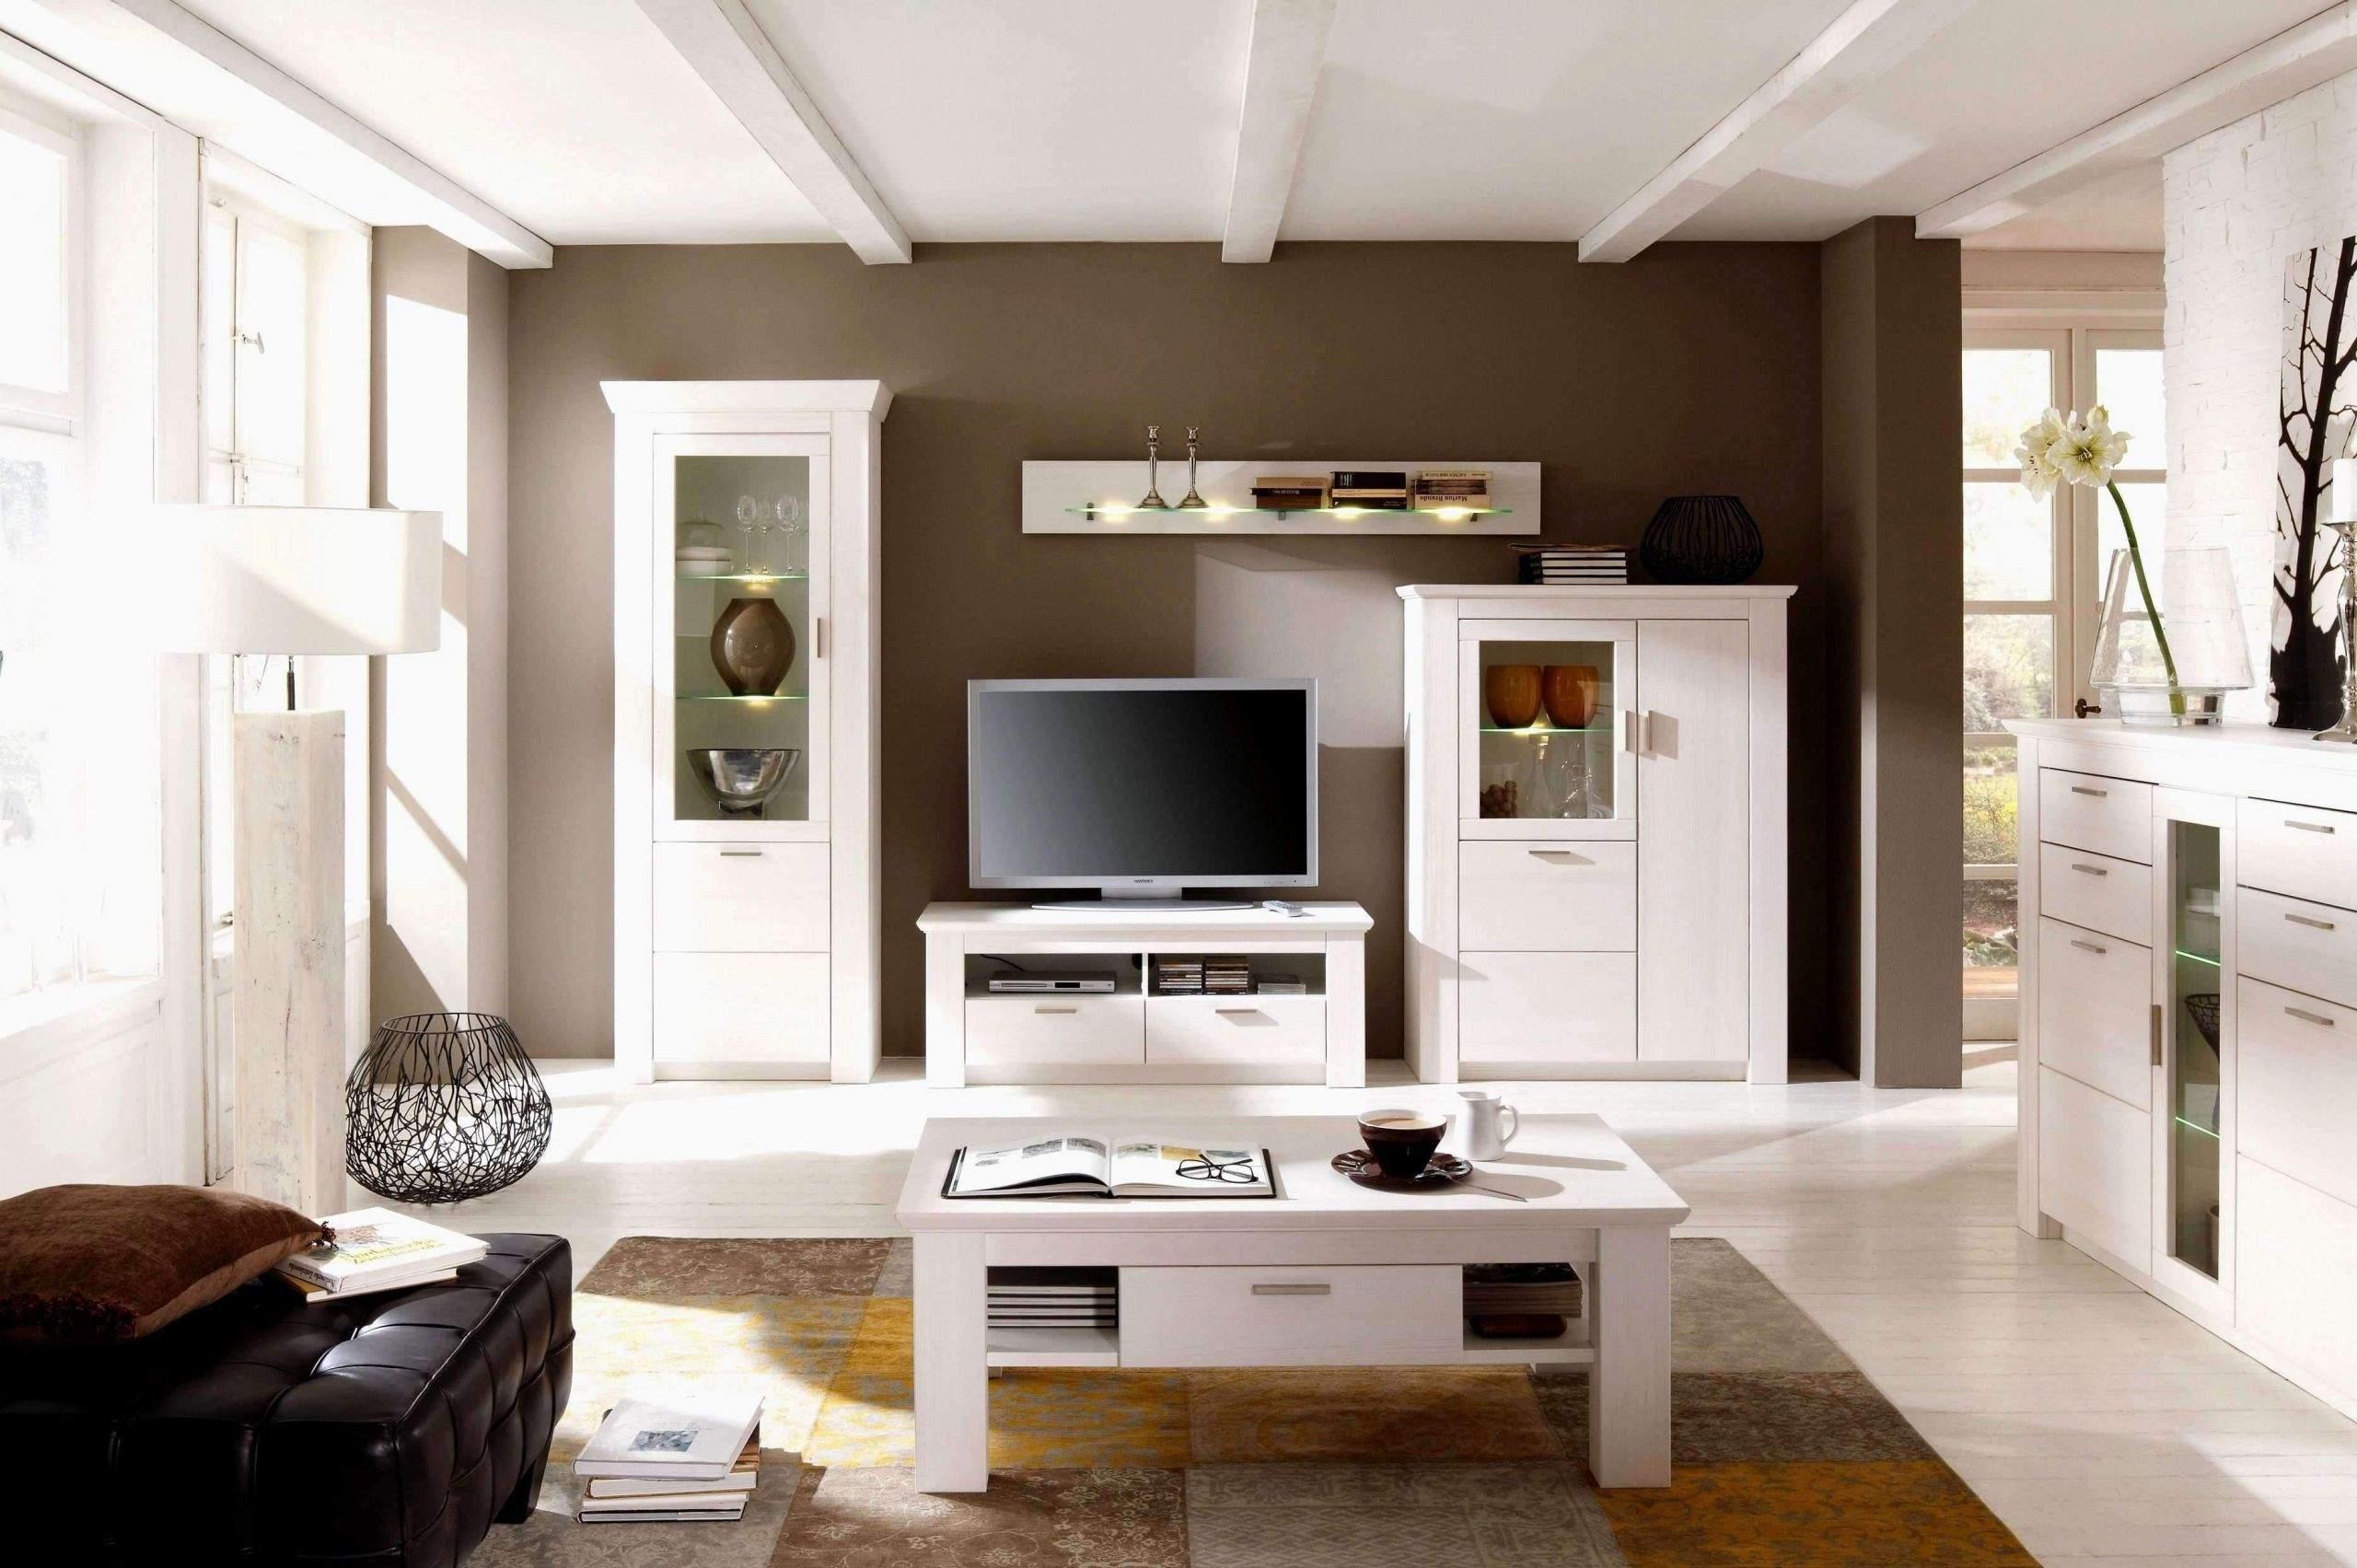 mobel fur wohnzimmer einzigartig kuchentisch inea 2020 of mobel fur wohnzimmer scaled